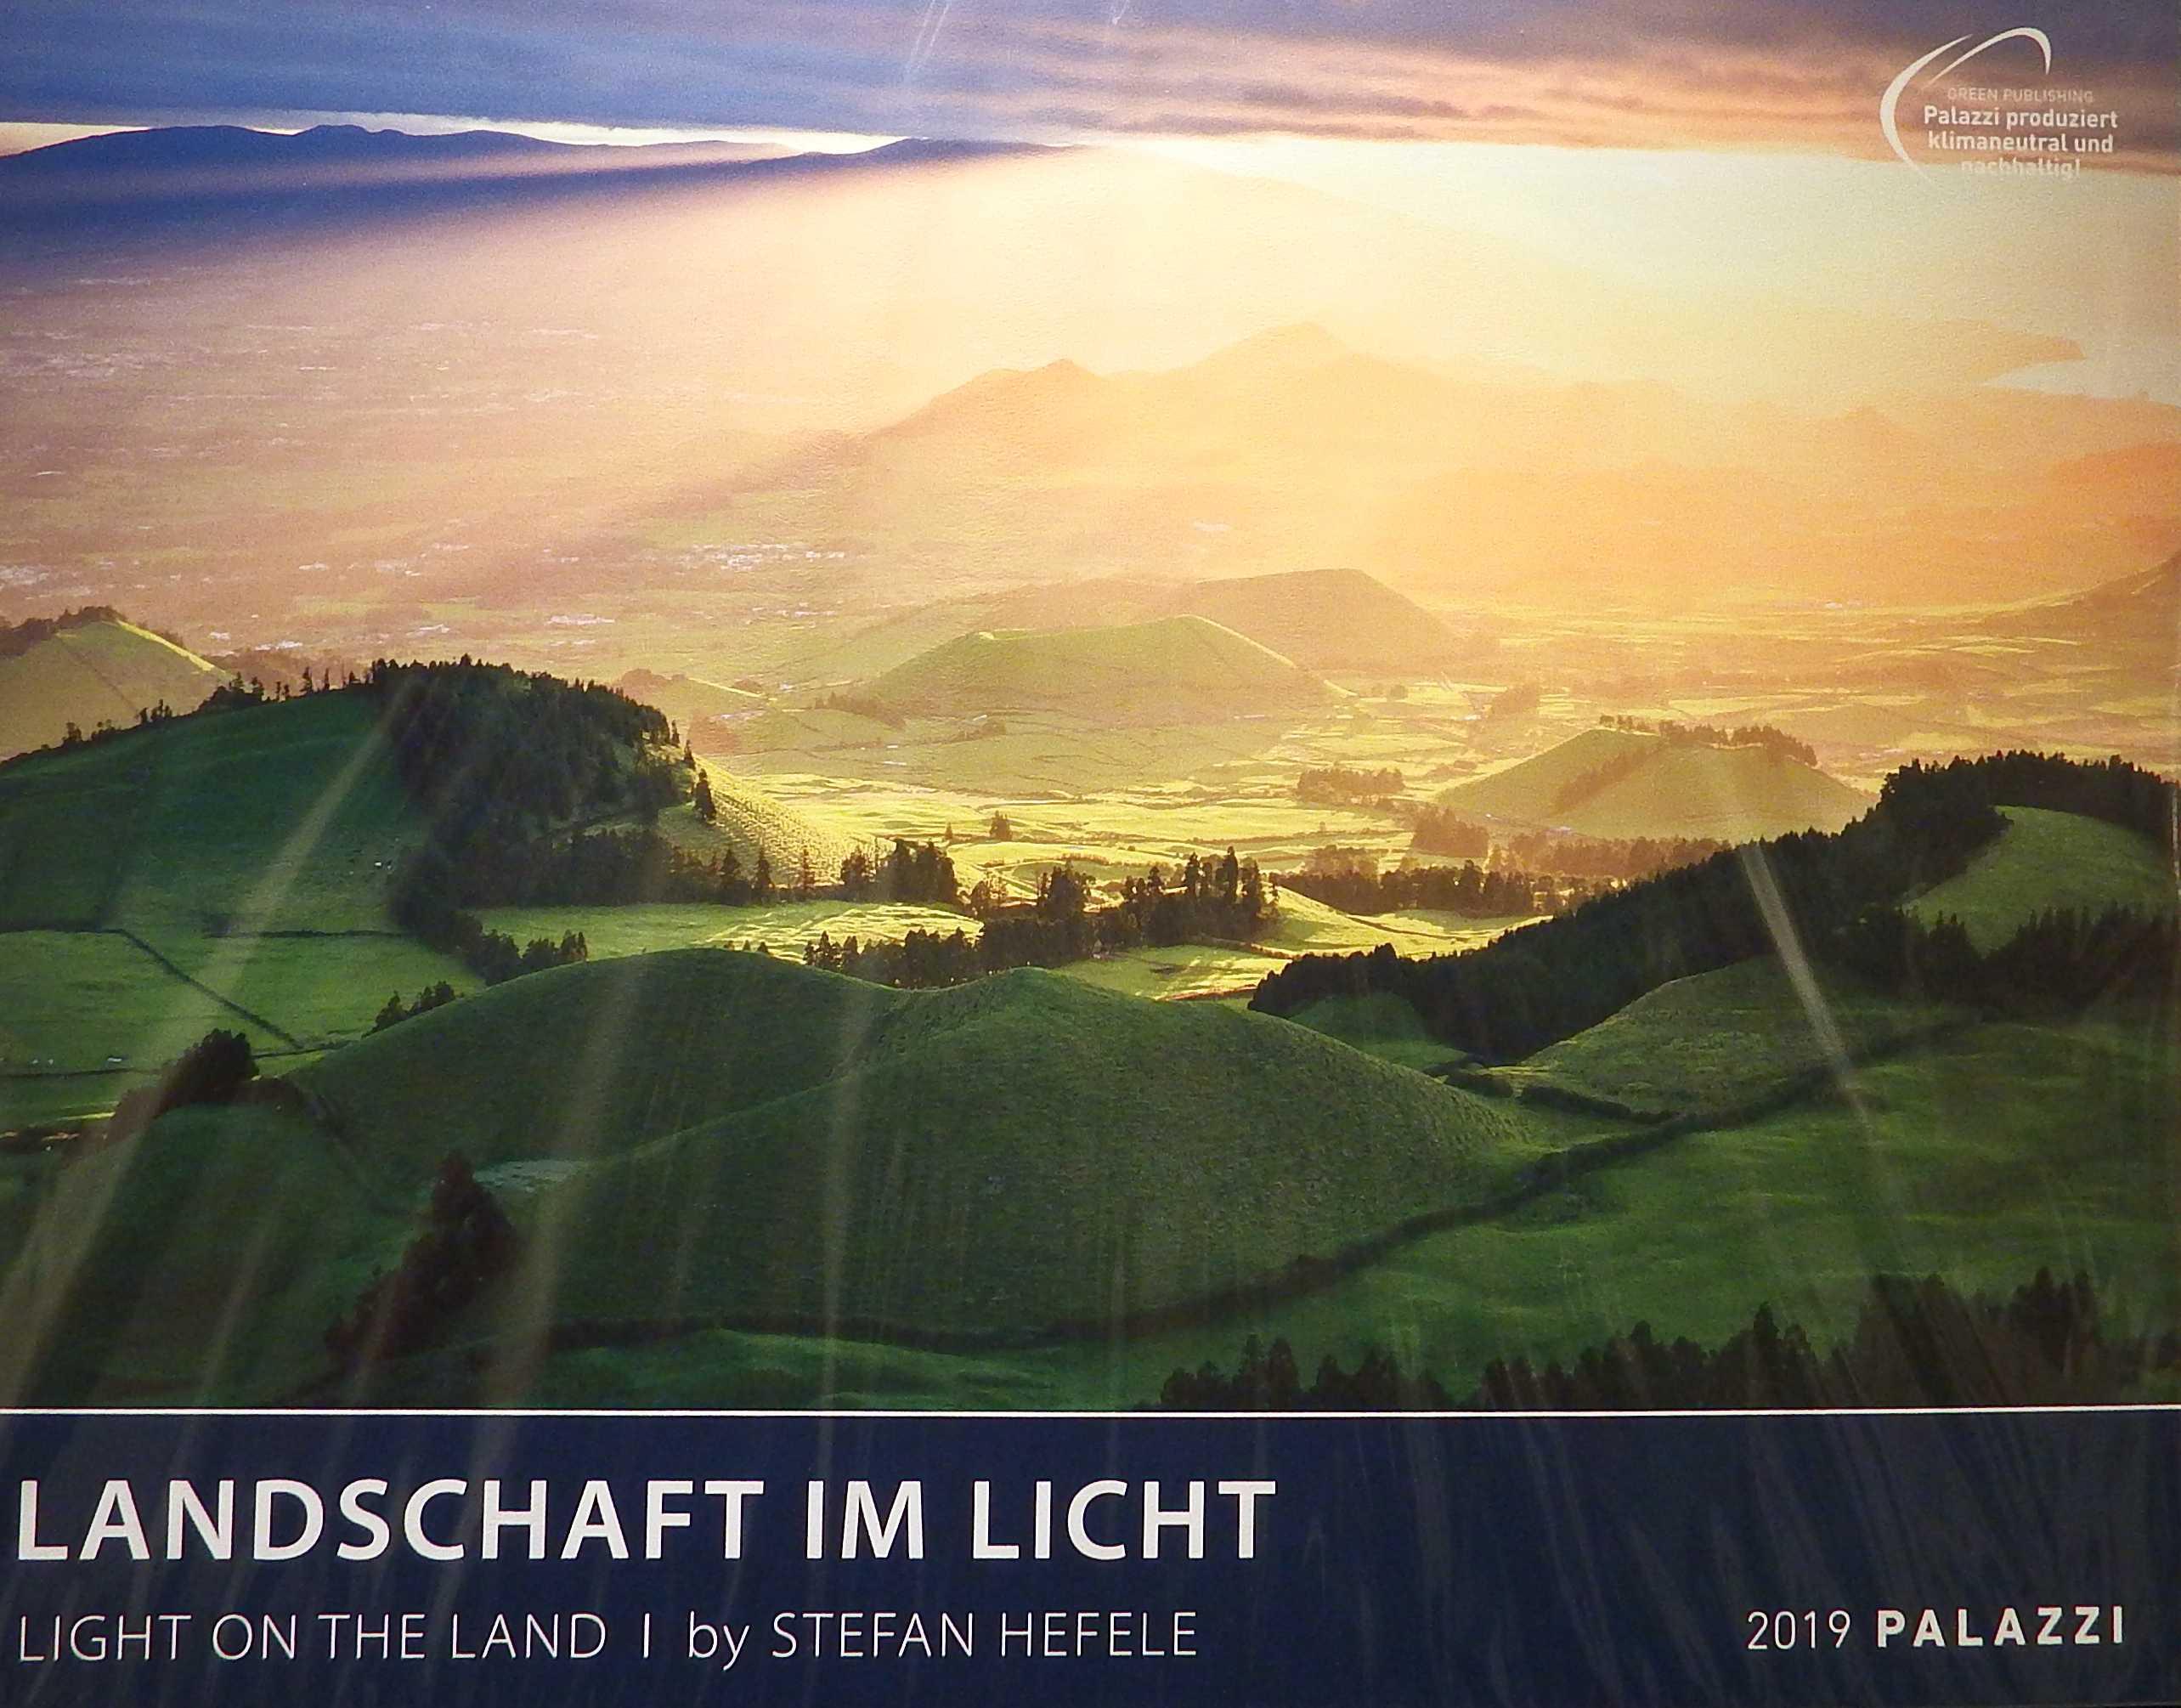 Landschaft im Licht